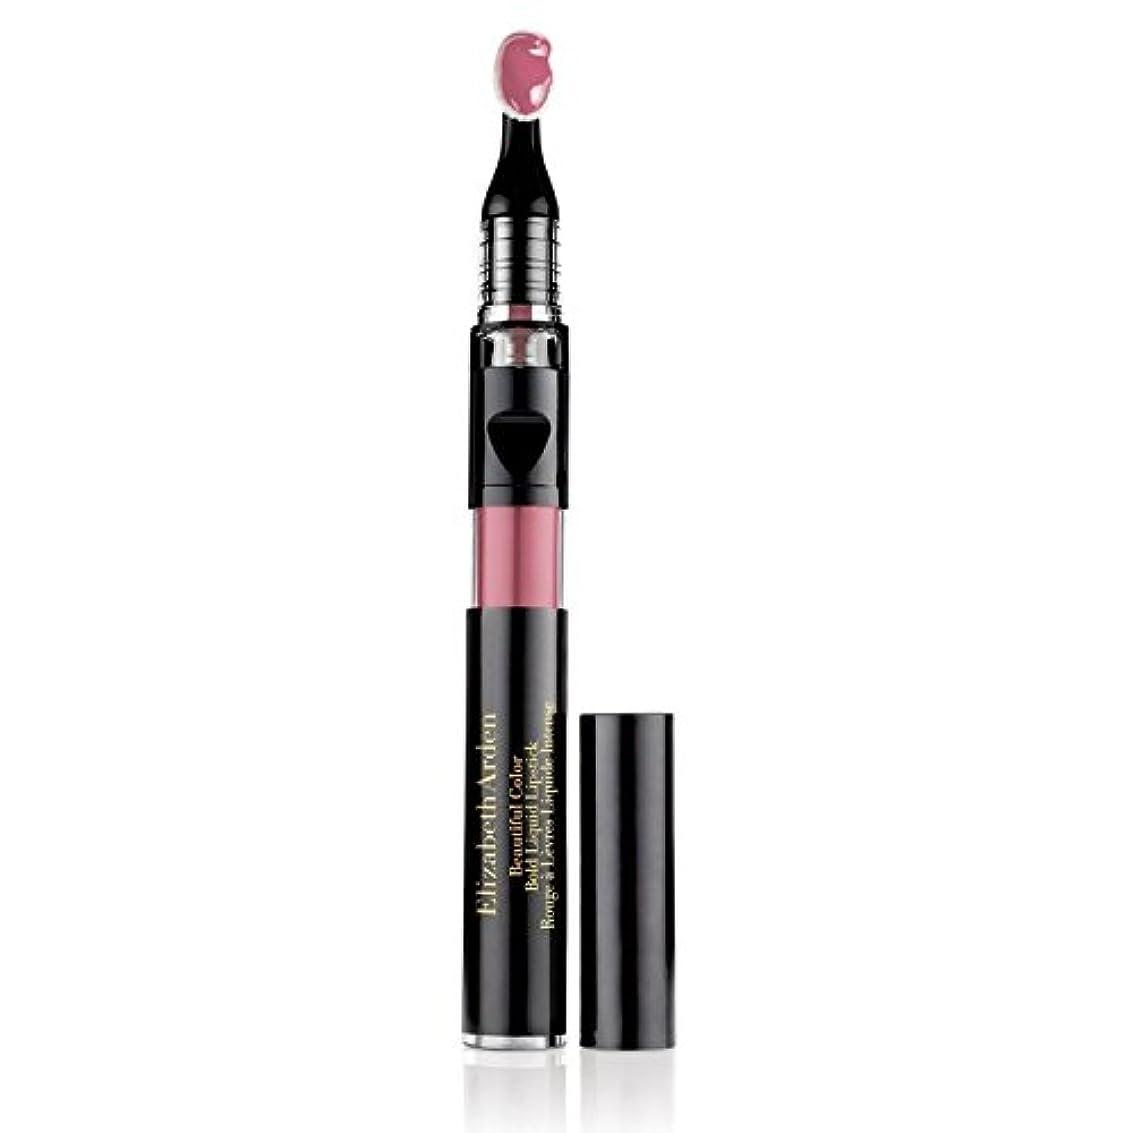 眩惑する検査コンサルタントエリザベスアーデン Beautiful Color Bold Liquid Lipstick - # 02 Daring Beige 2.4ml/0.08oz並行輸入品